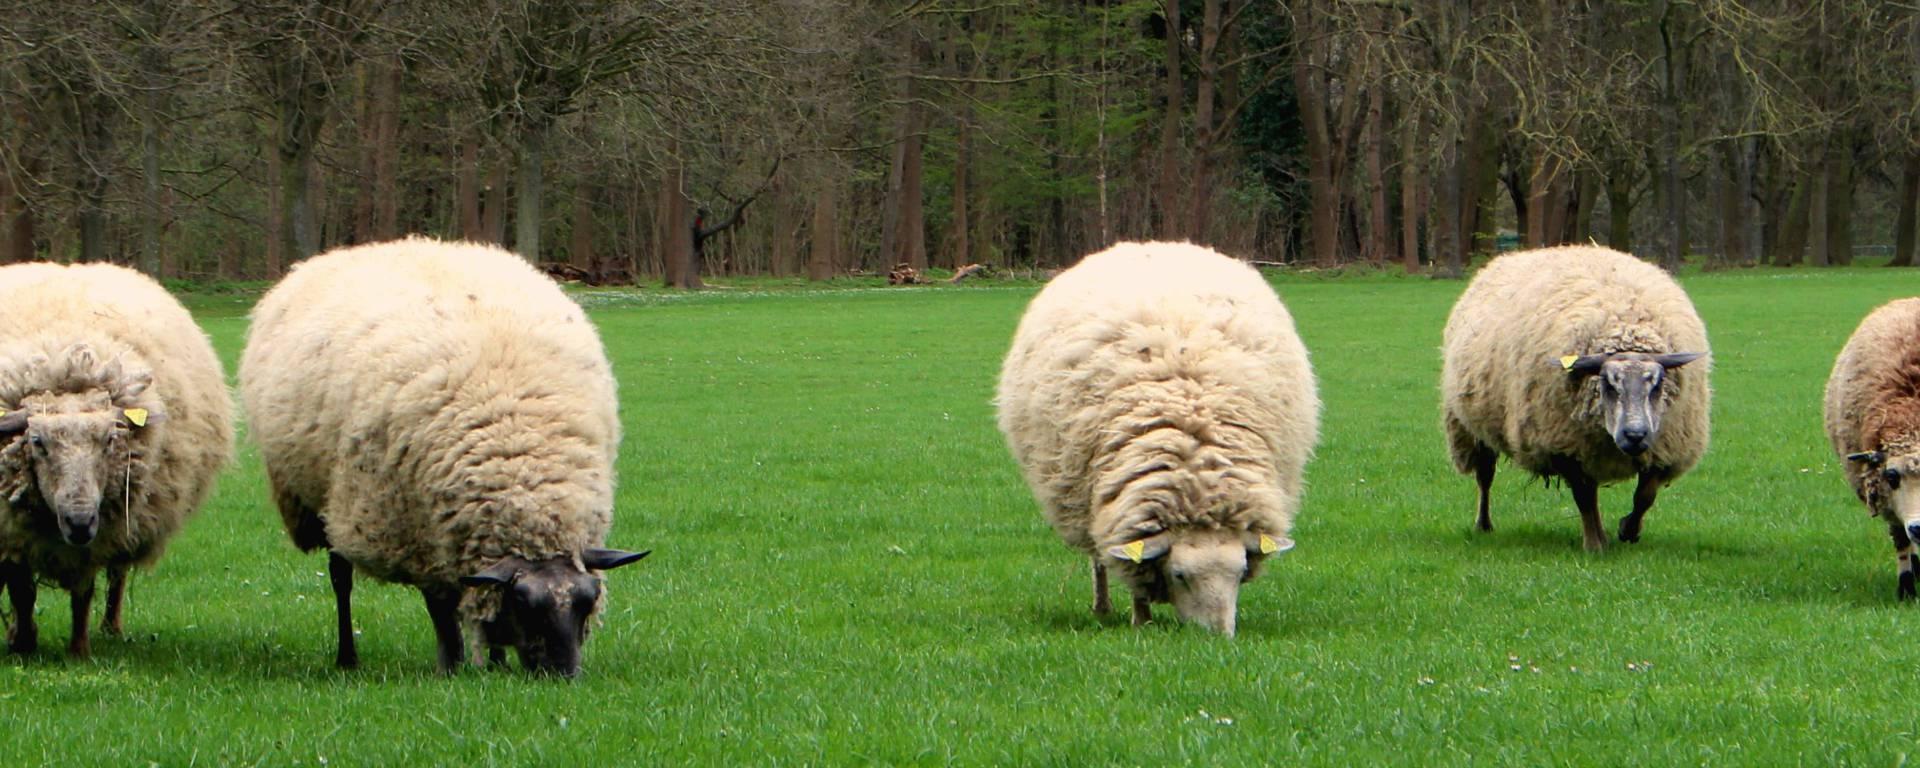 Les moutons au Parc Georges Valbon